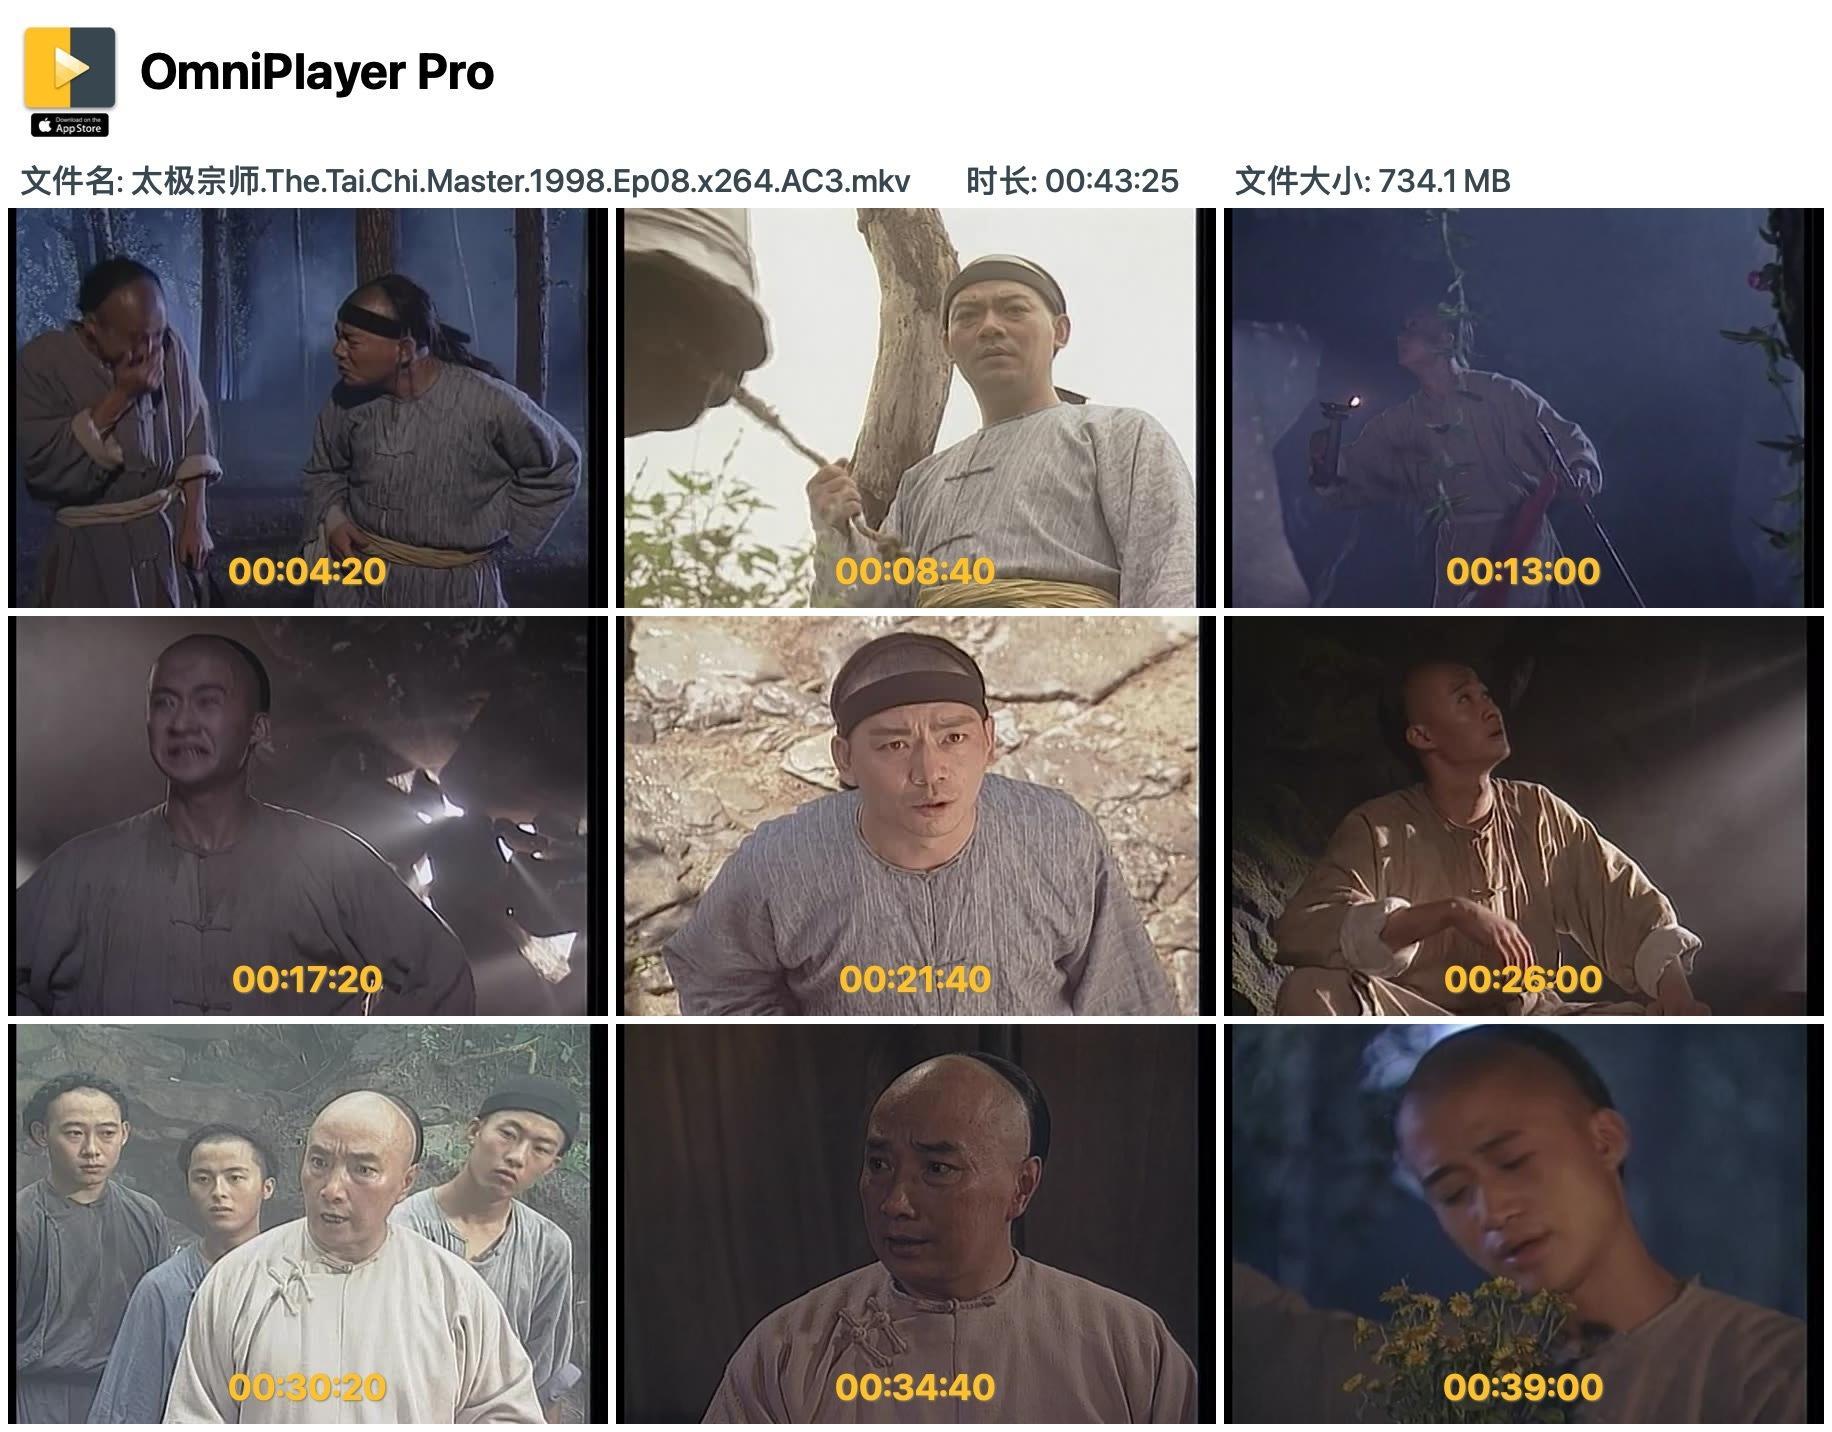 太极宗师二十五集完整版分享的图片-高老四博客